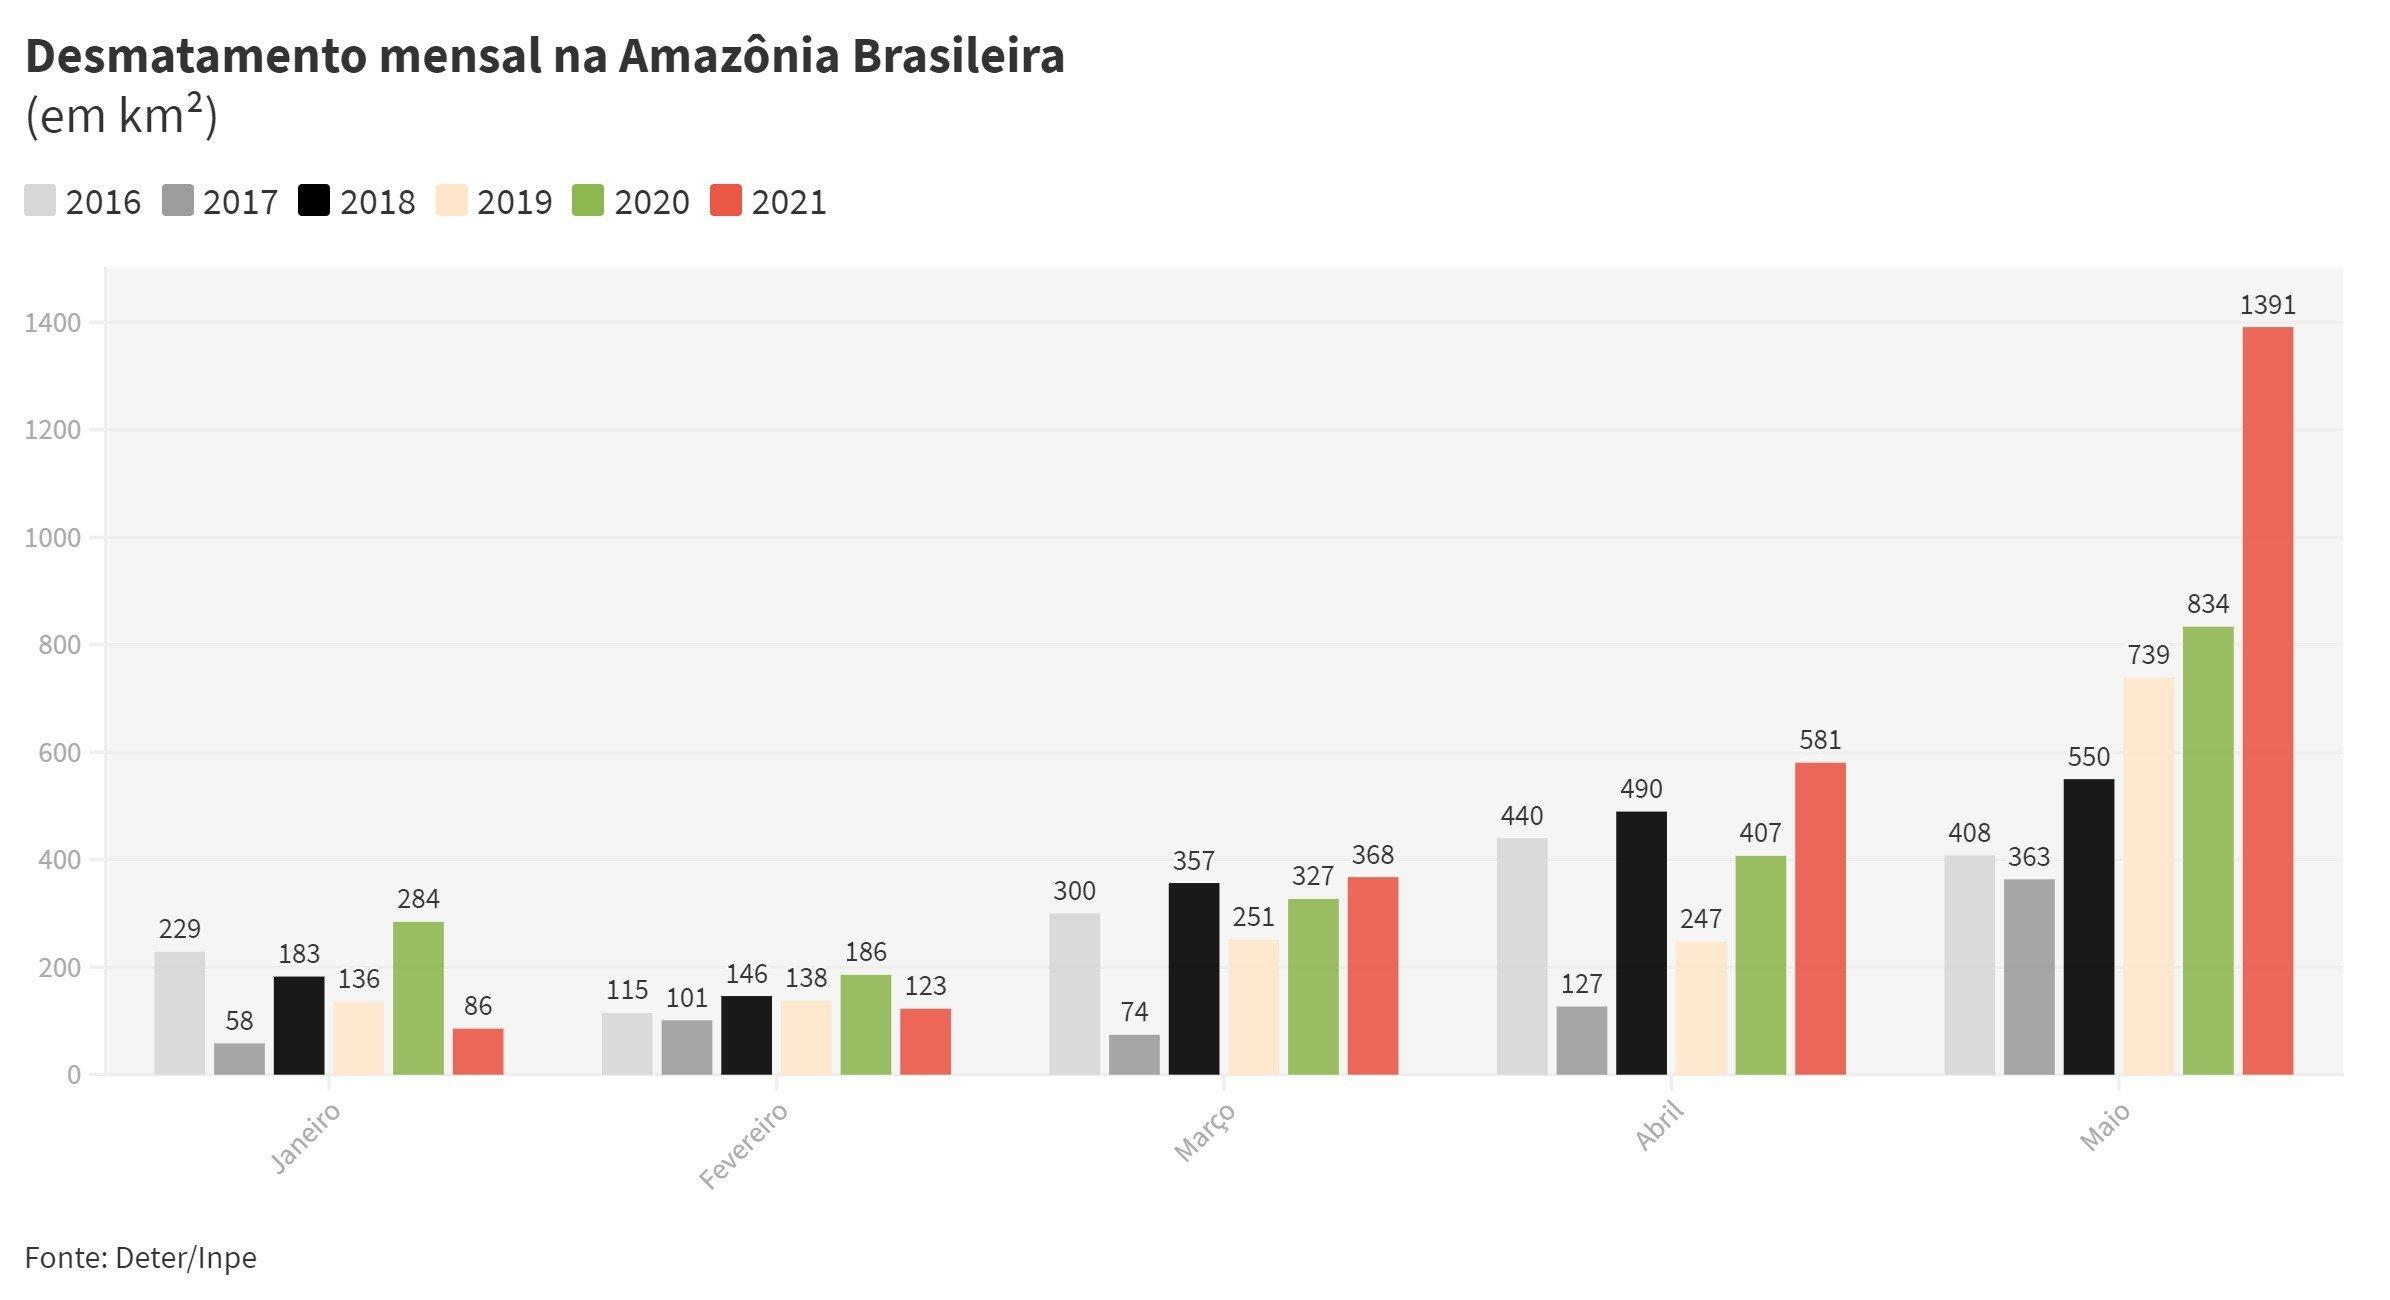 Desmatamento mensal amazonia